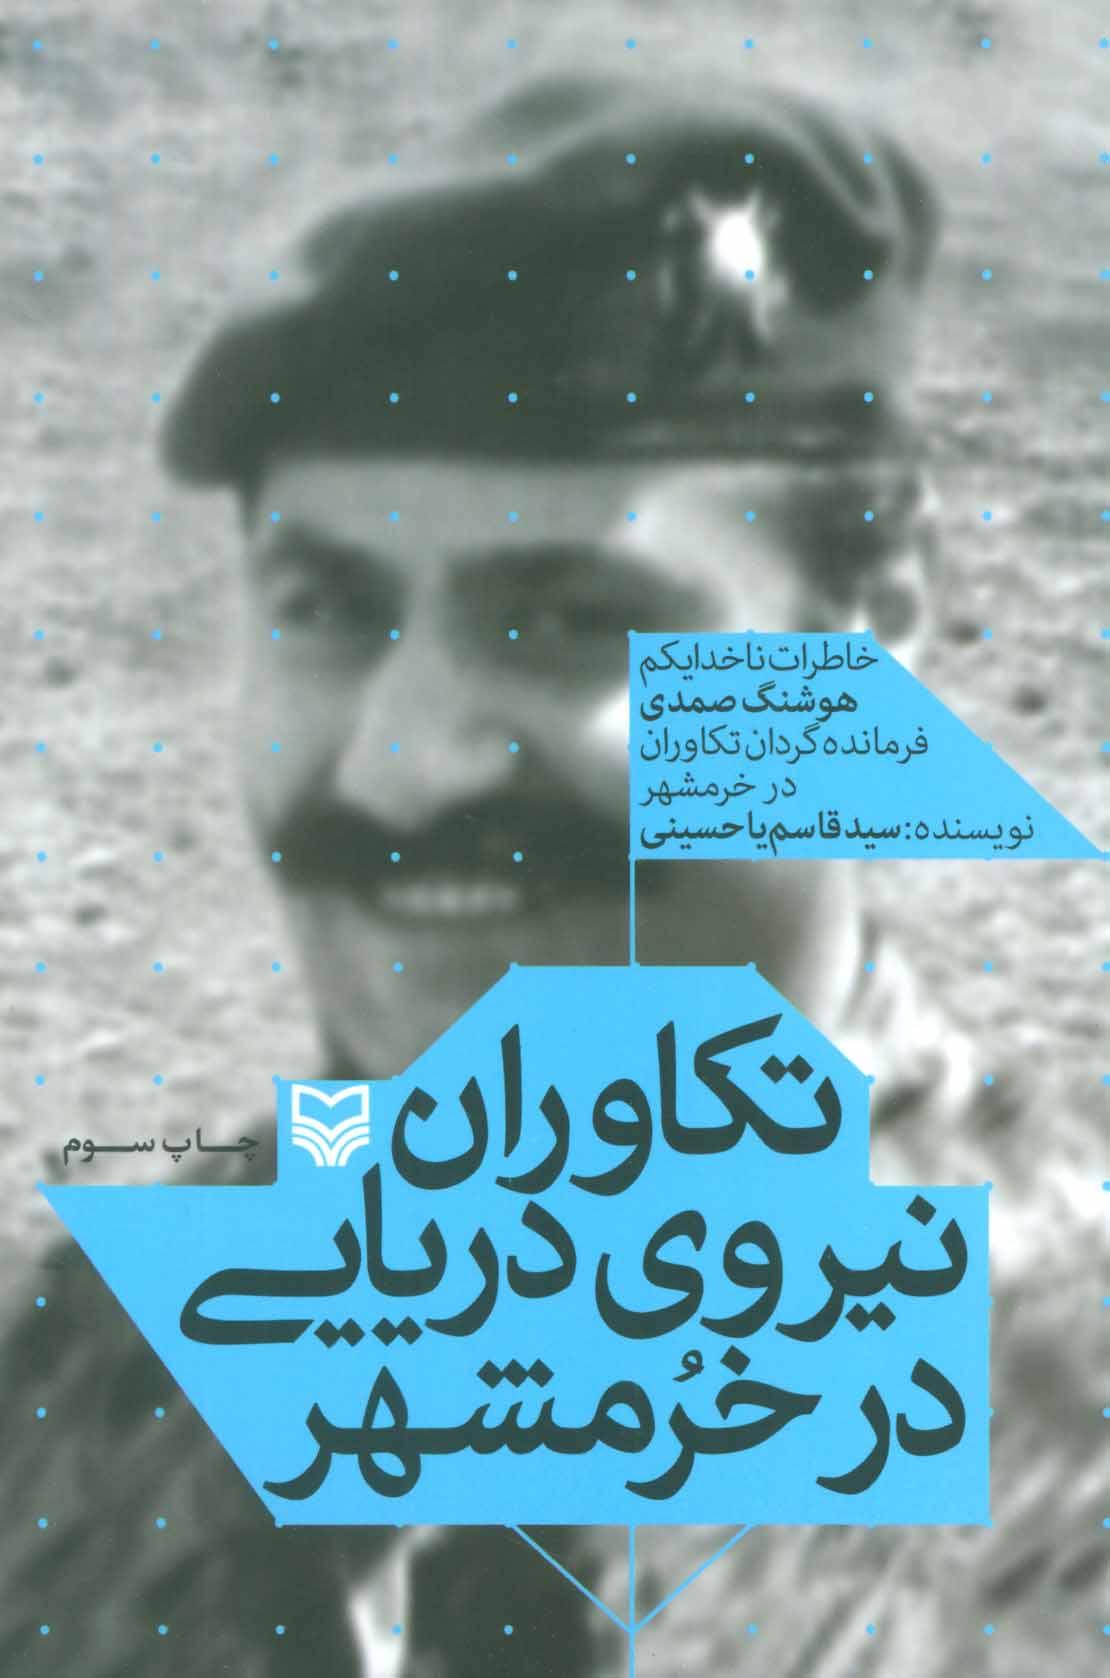 کتاب تکاوران نیروی دریایی در خرمشهر